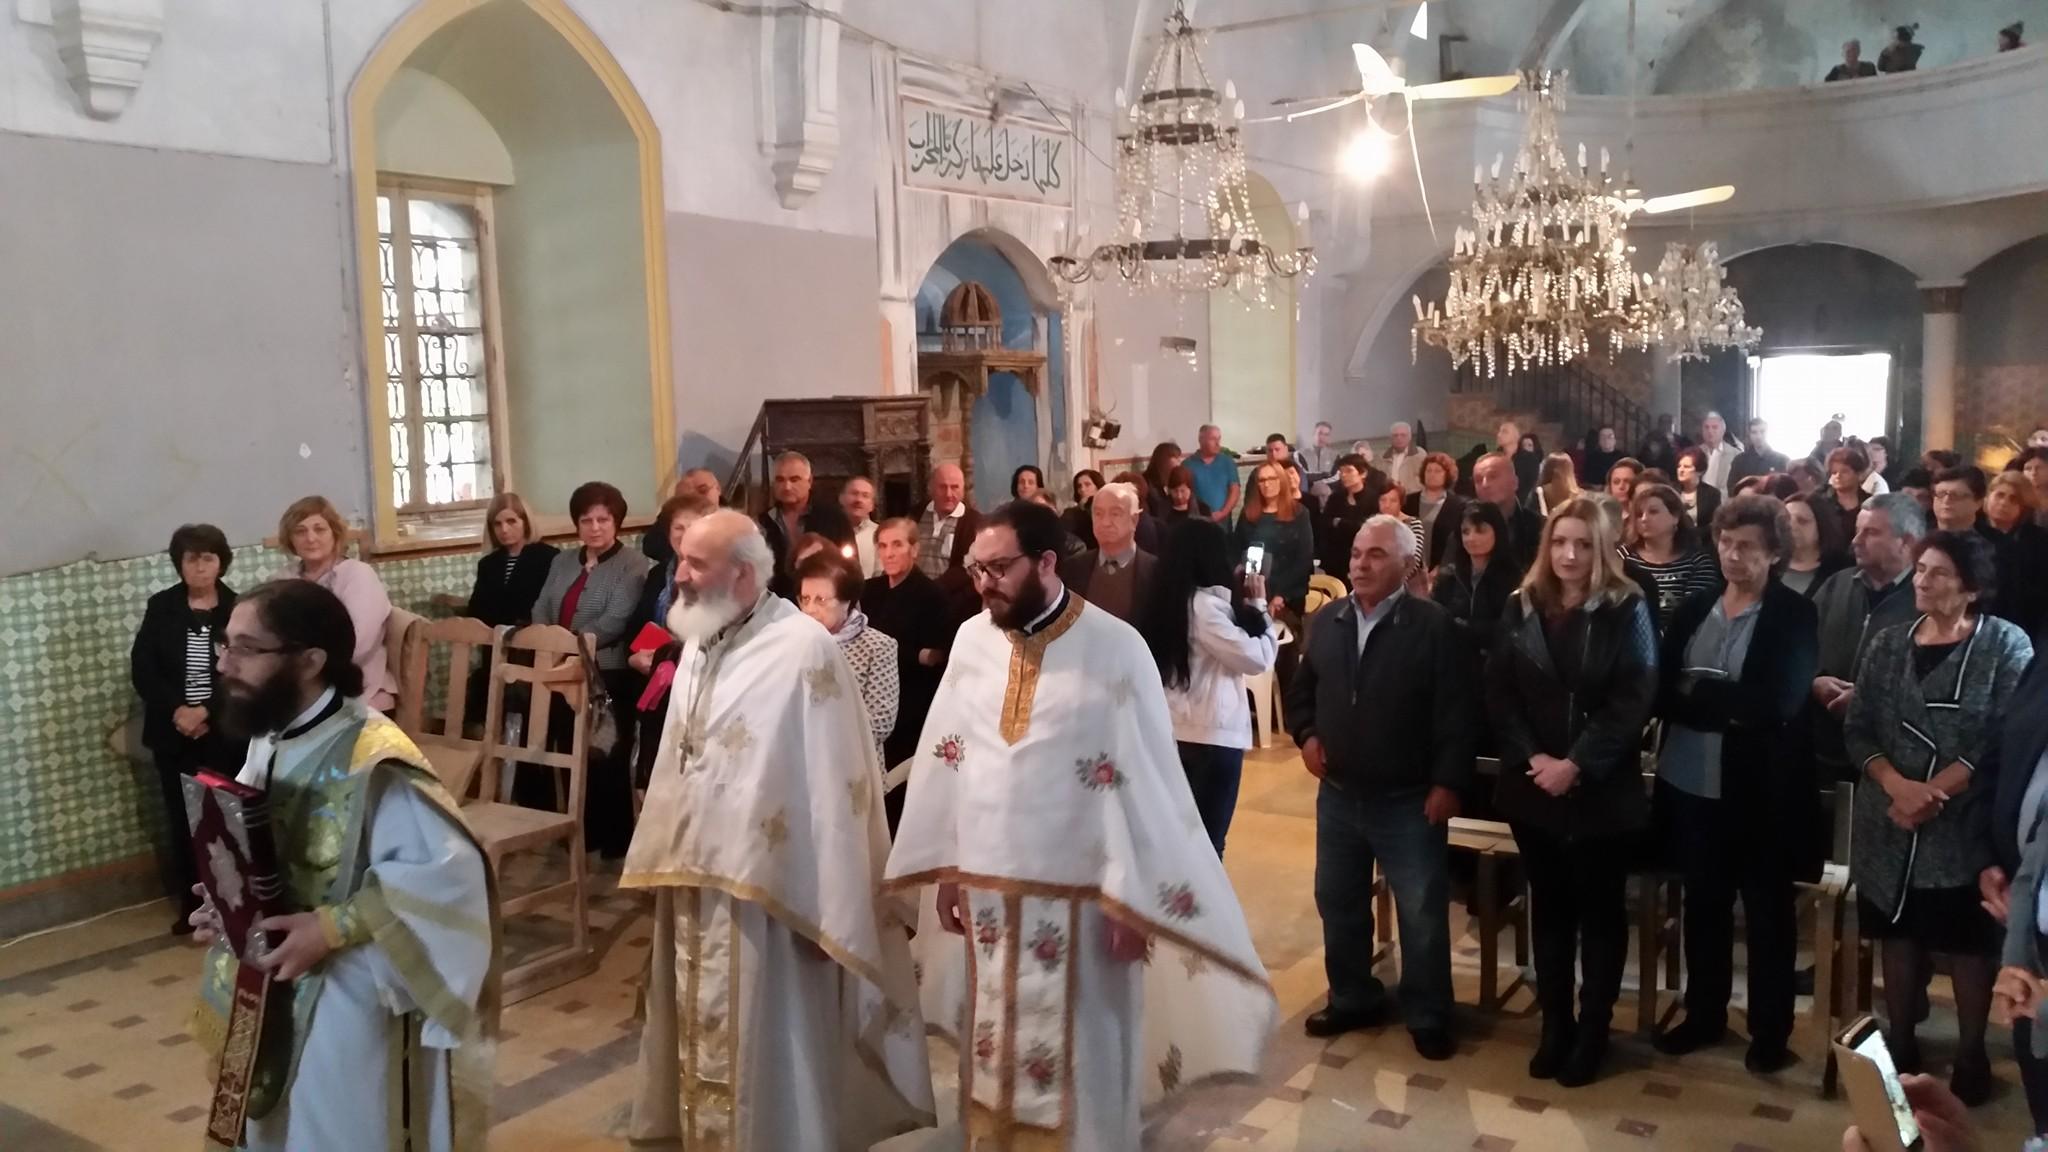 Θεία Λειτουργία στον κατεχόμενο Άγιο Γεώργιο Πραστειού Αμμοχώστου (5-11-2017)